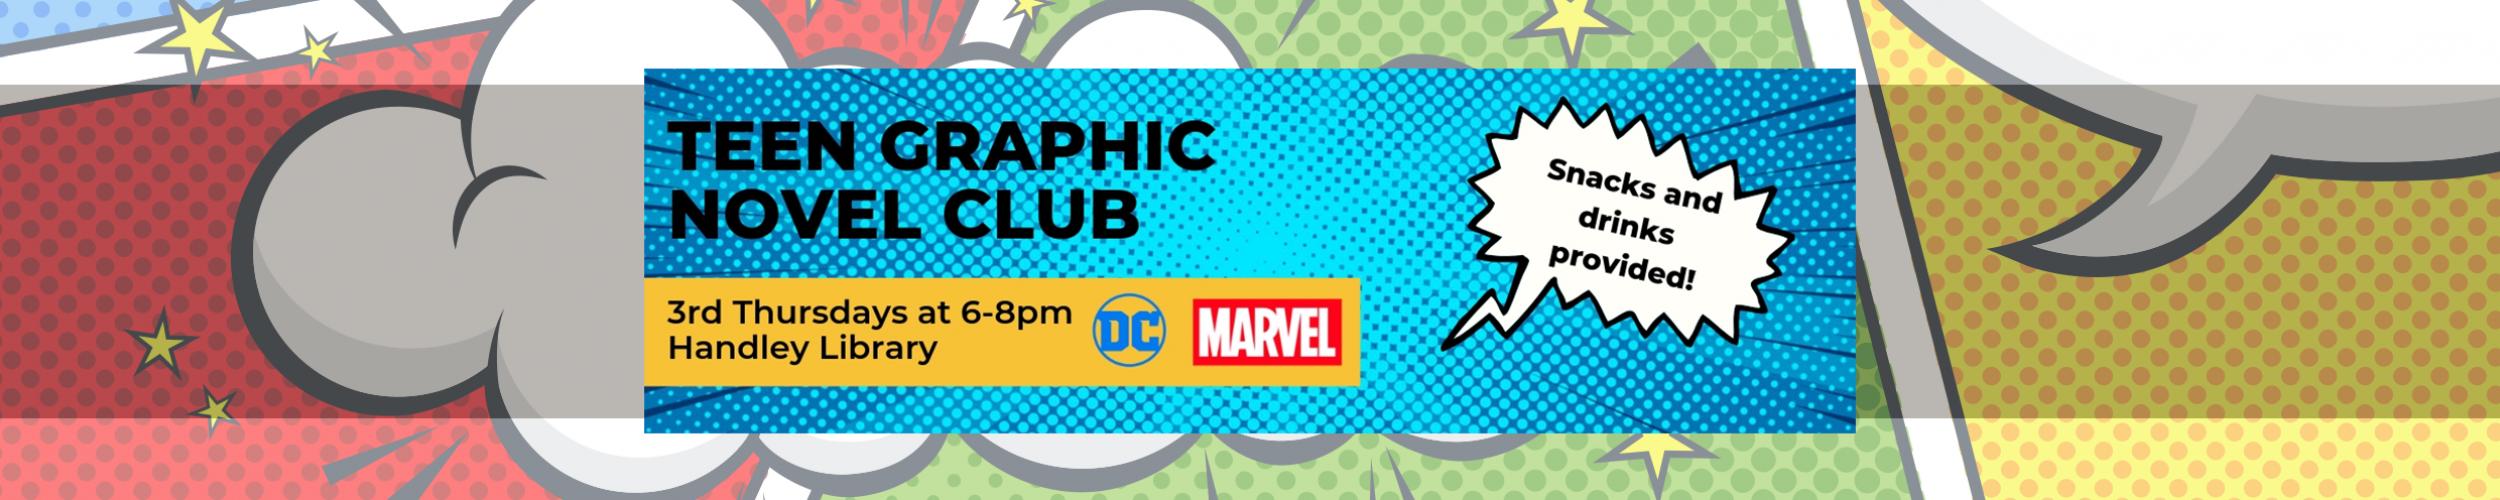 Teen graphic novel slide